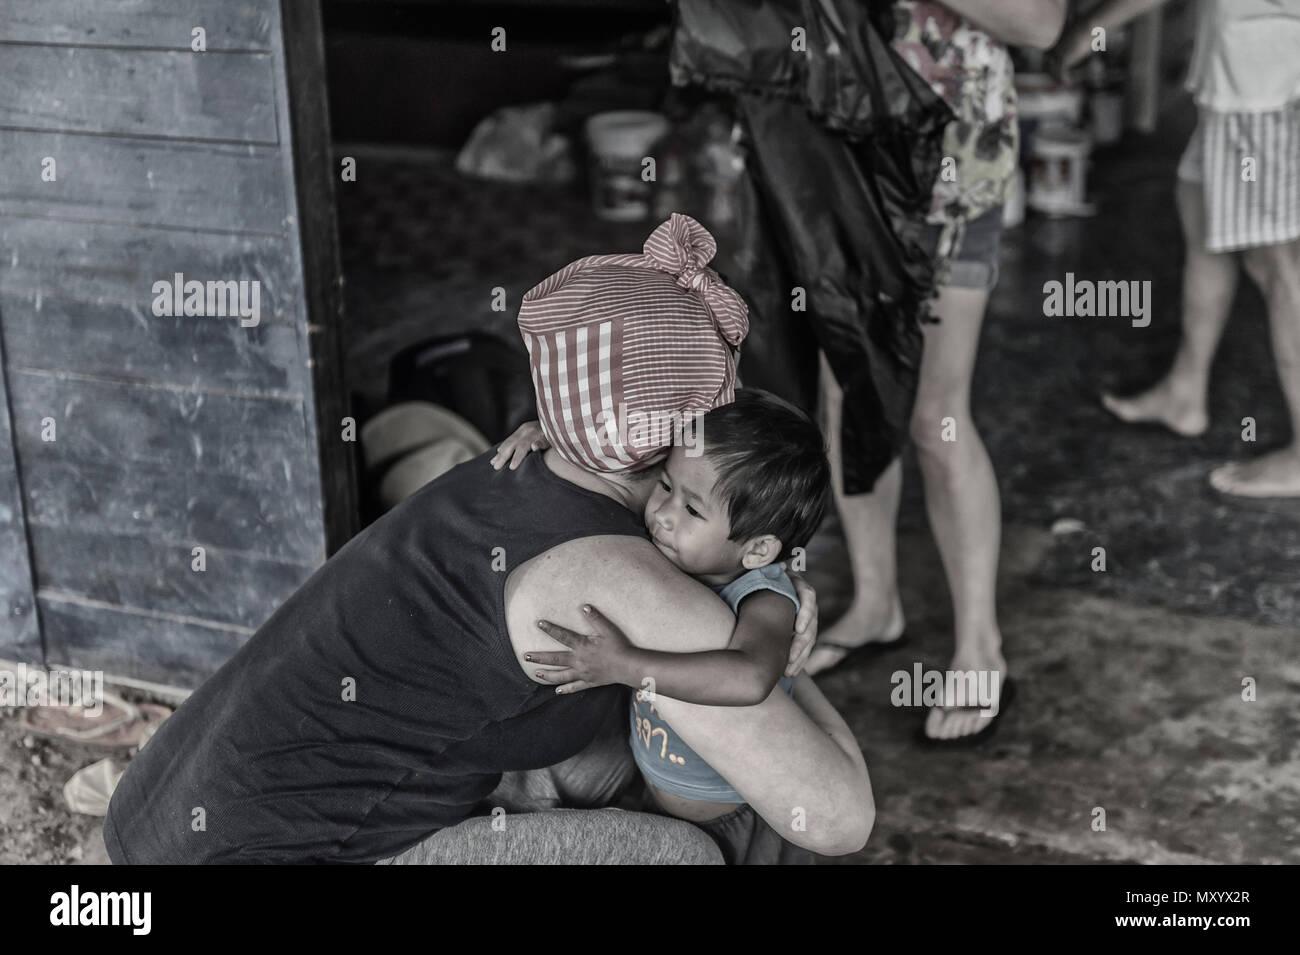 Año sabático vacaciones voluntarias o El volunturismo en Tailandia Imagen De Stock